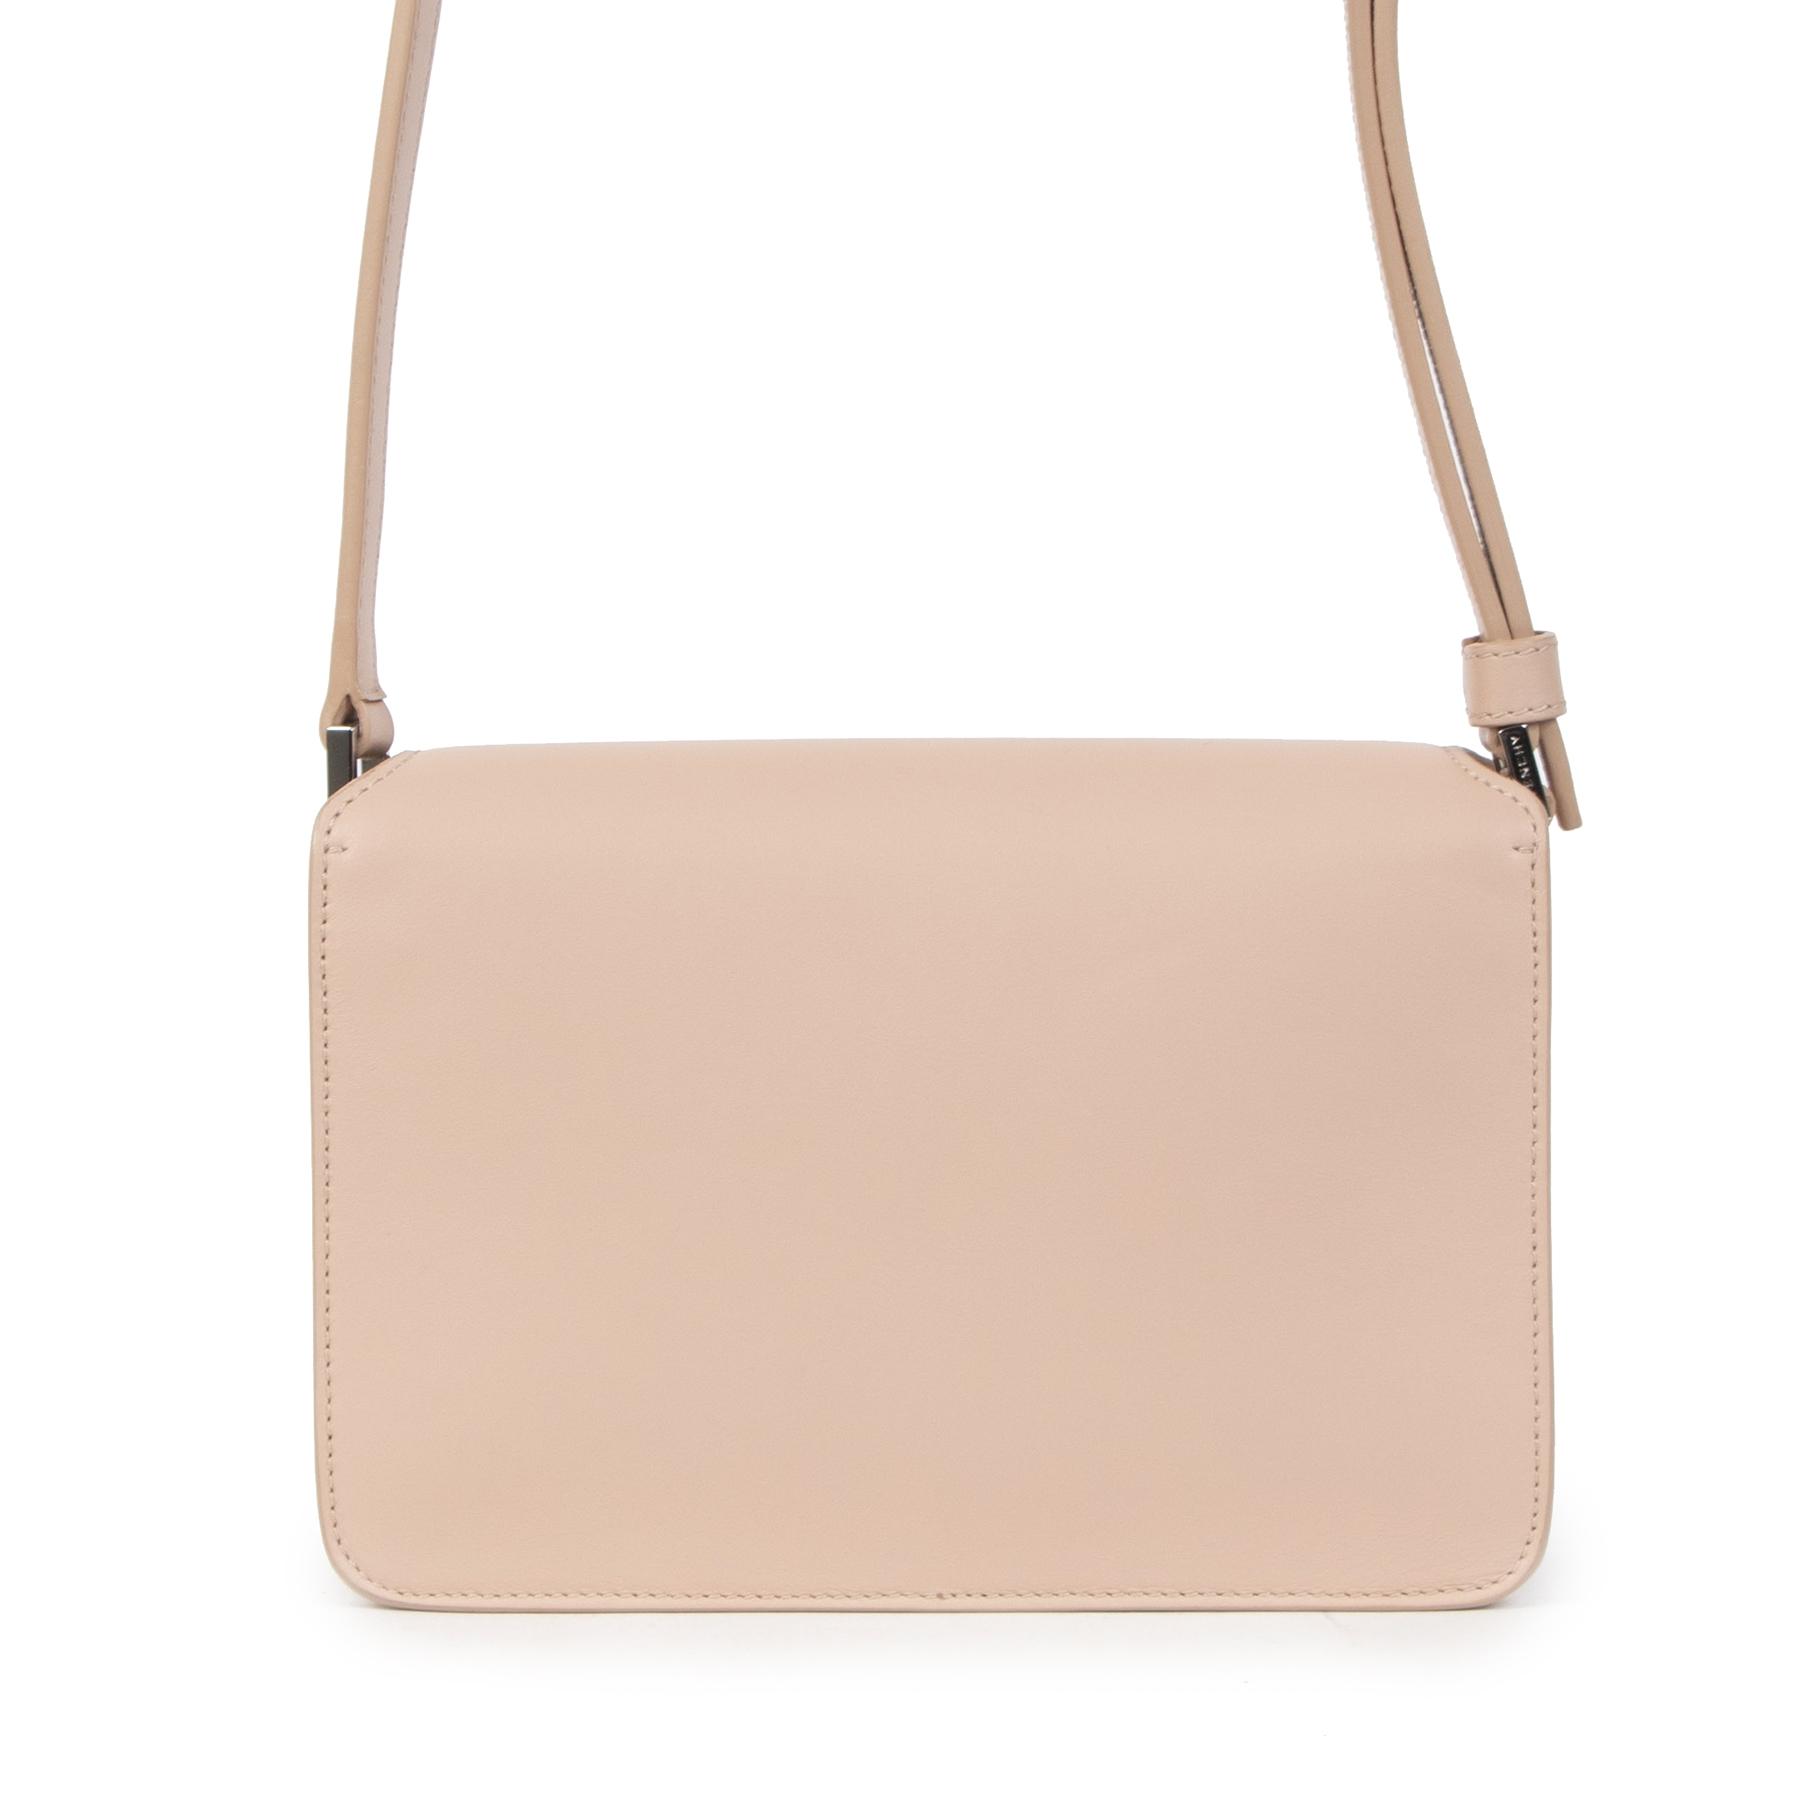 Authentieke Tweedehands Givenchy Soft Pink Calfskin Debossed Logo Crossbody Bag juiste prijs veilig online shoppen luxe merken webshop winkelen Antwerpen België mode fashion